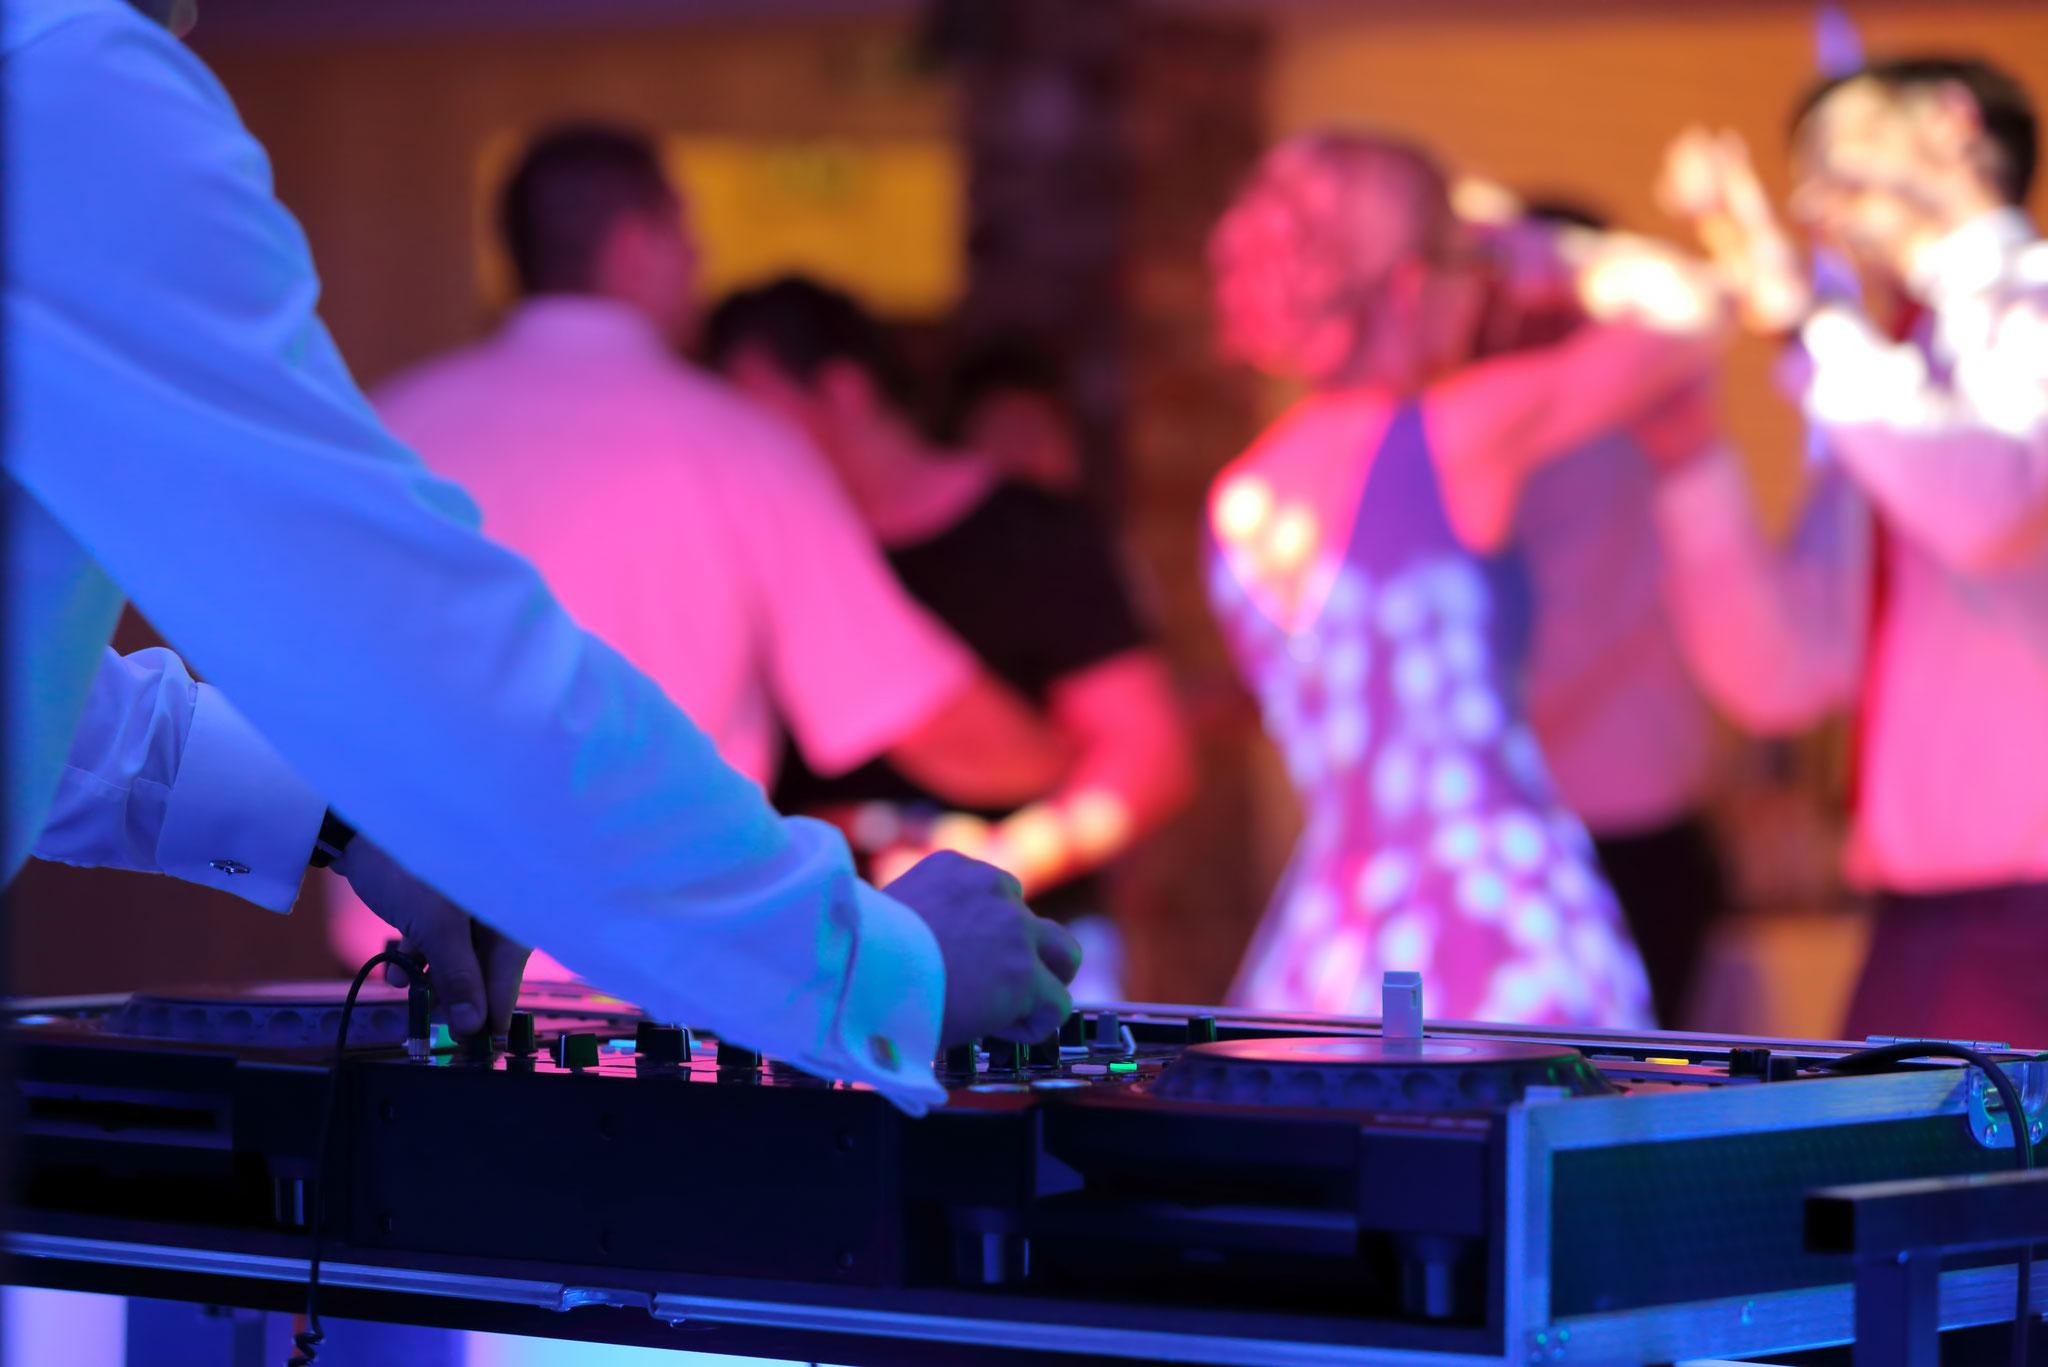 Fr, 14.02., 14 Uhr: Tanzcafé mit DJ Milan. Stadtteilzentrum Marzahner Promenade 38 © wideonet , Adobe Stock